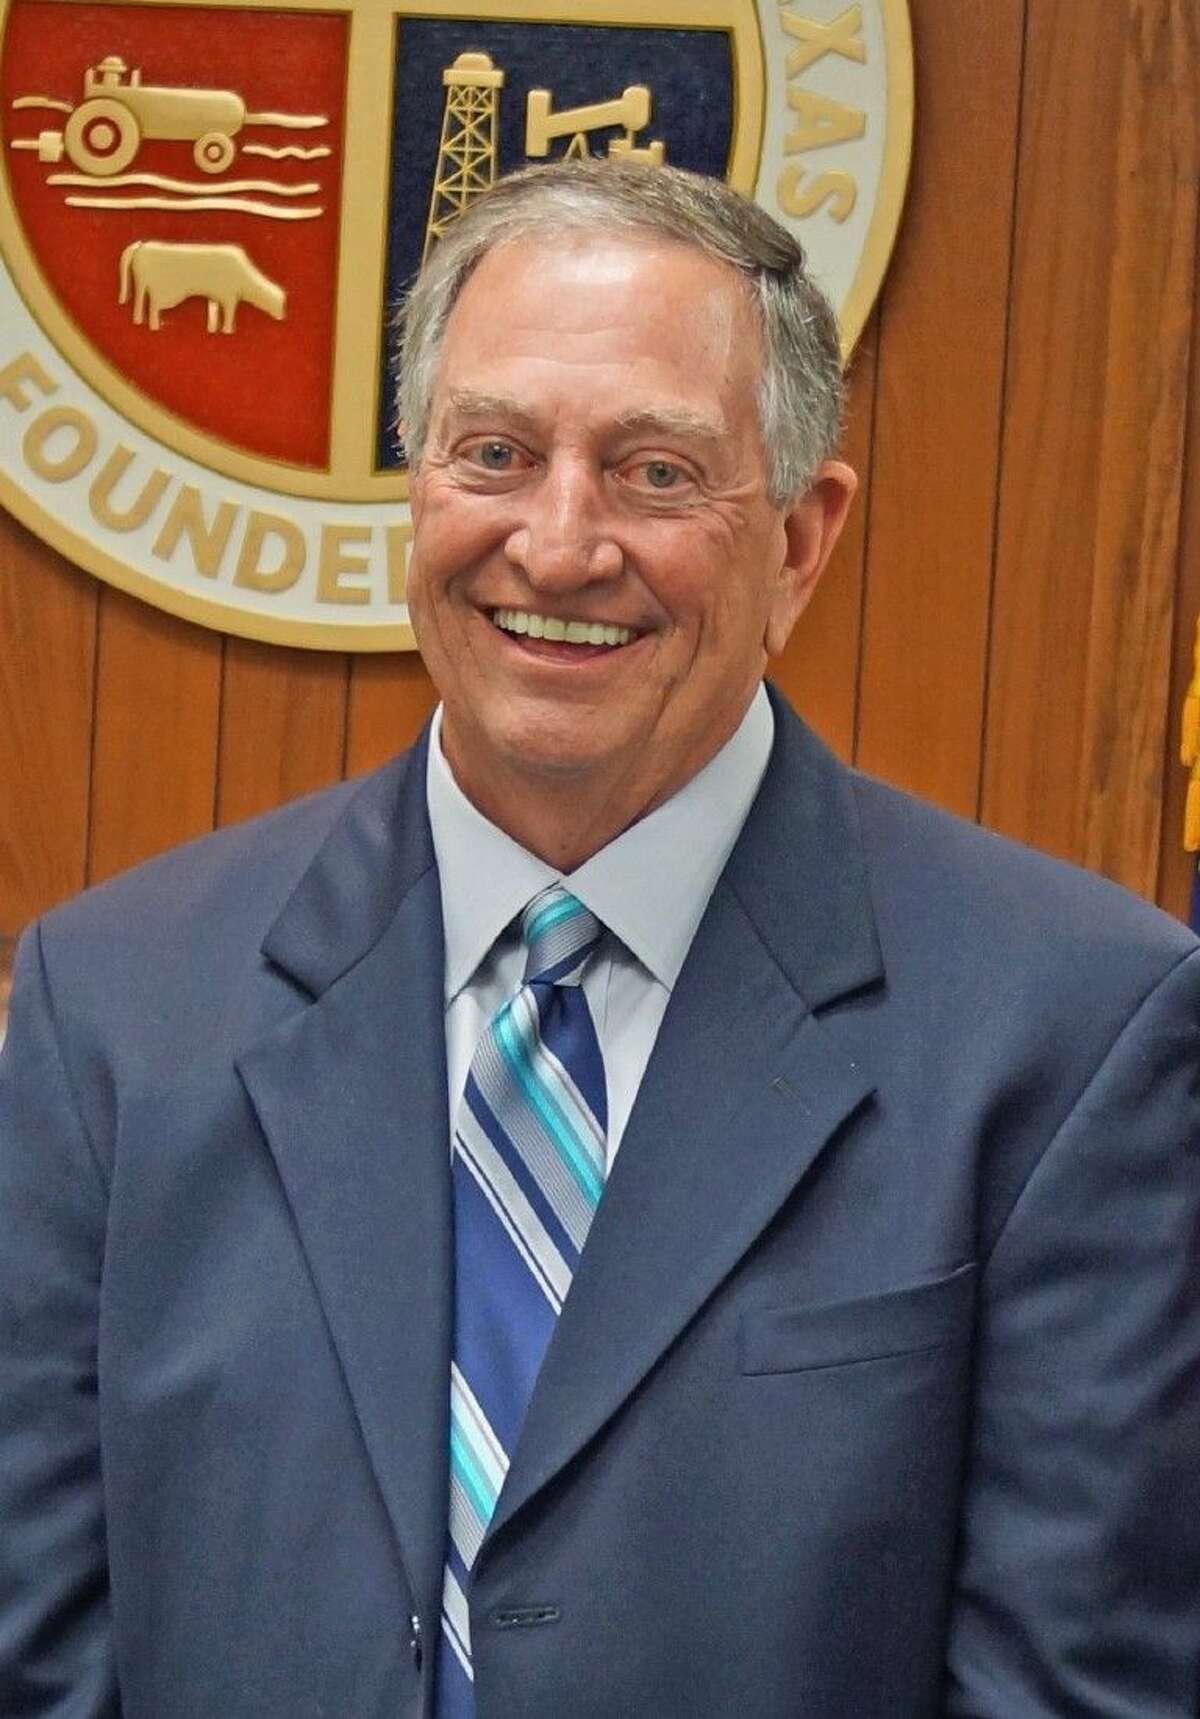 Billy Tidwell